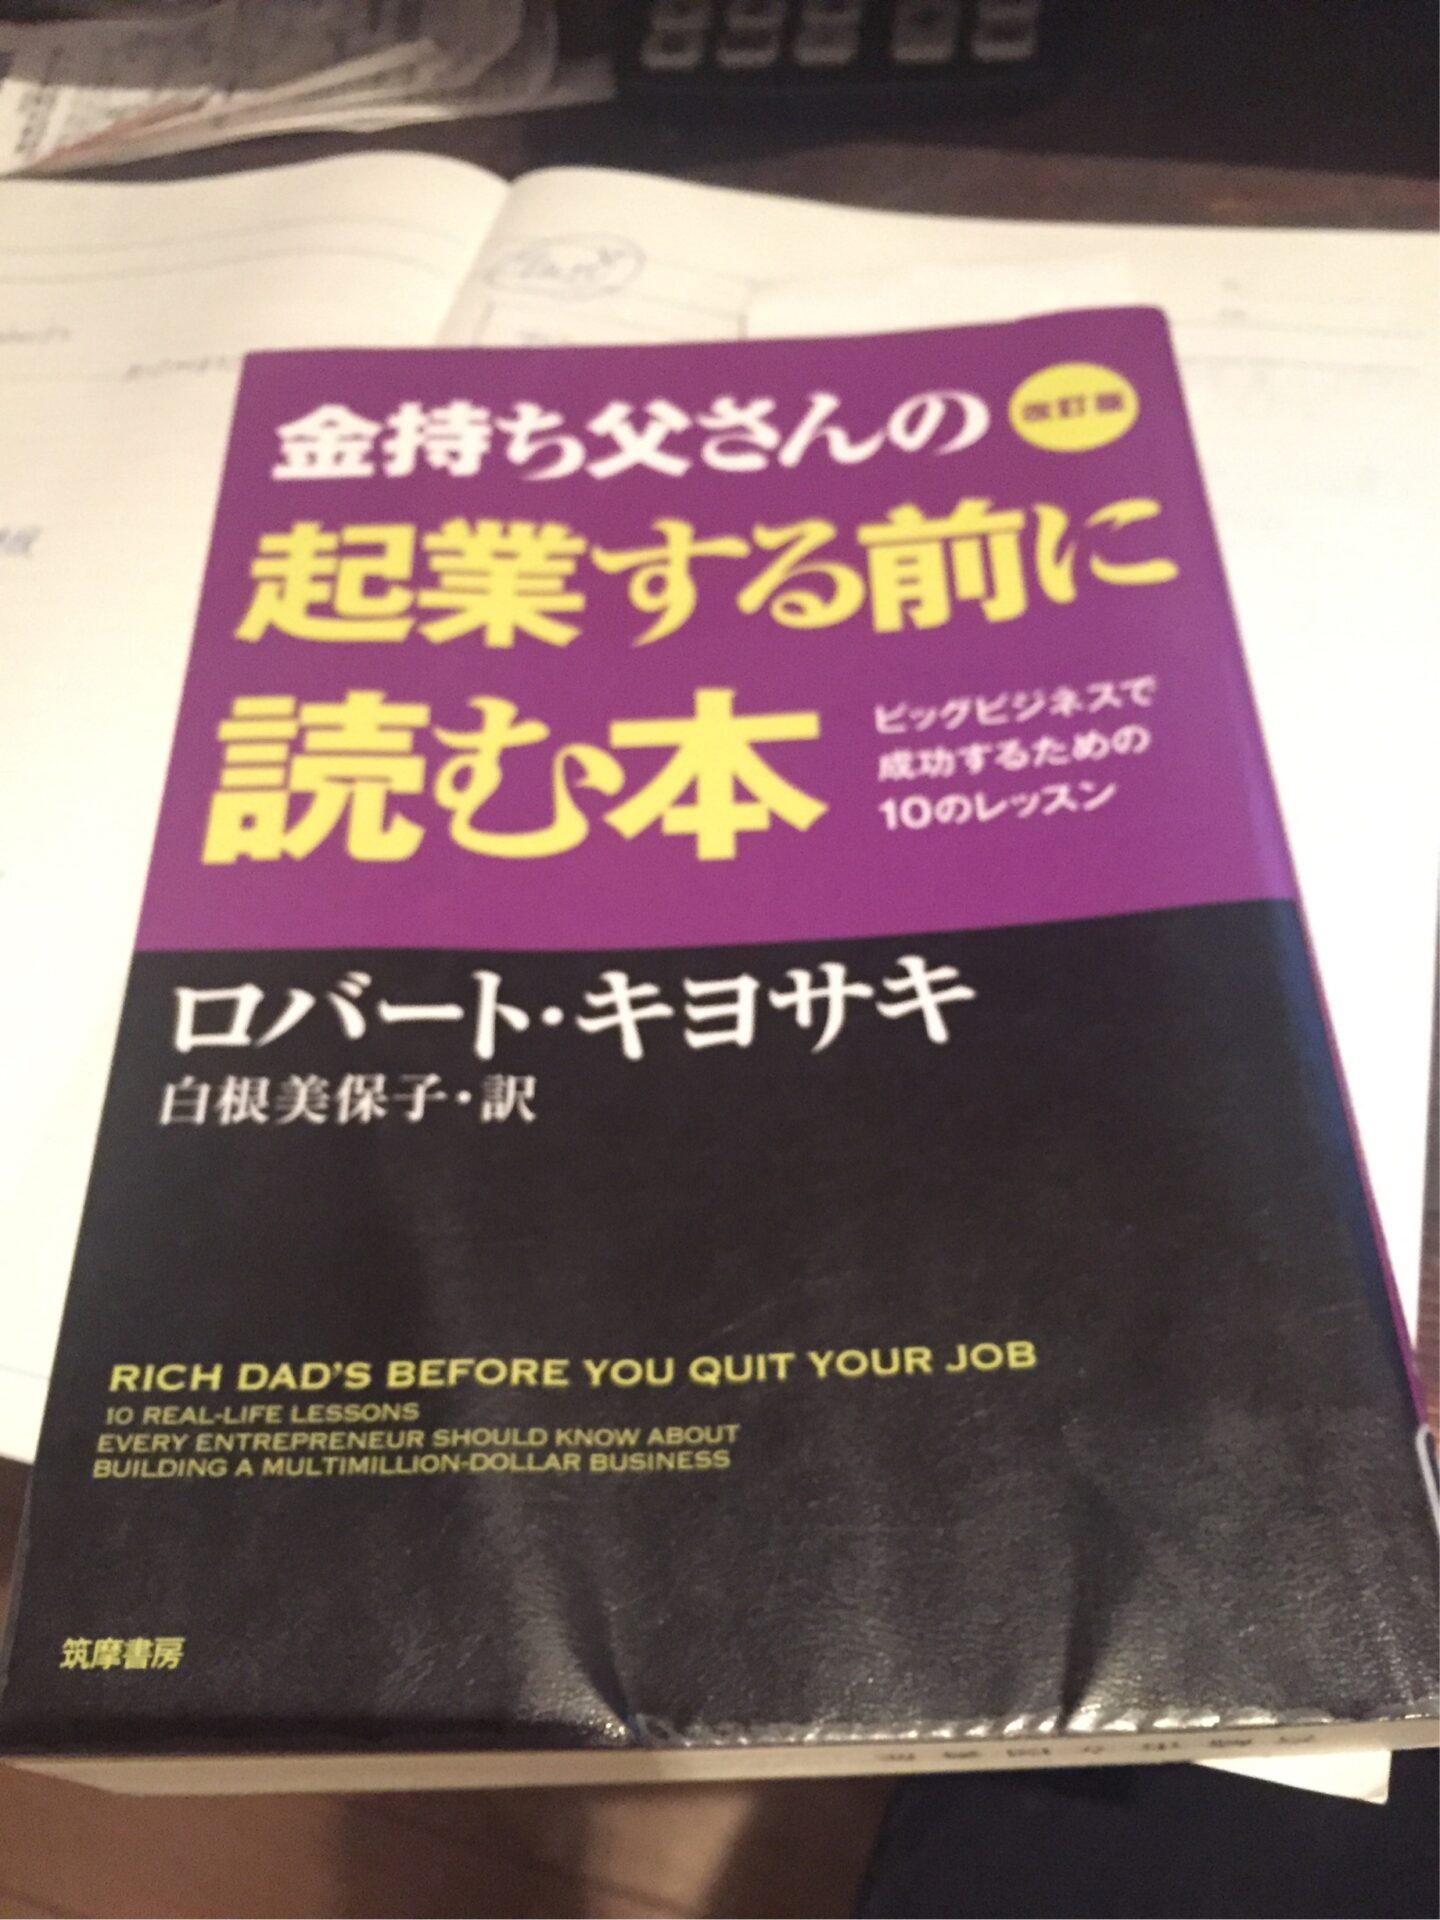 ロバートキヨサキの起業する前に読む本